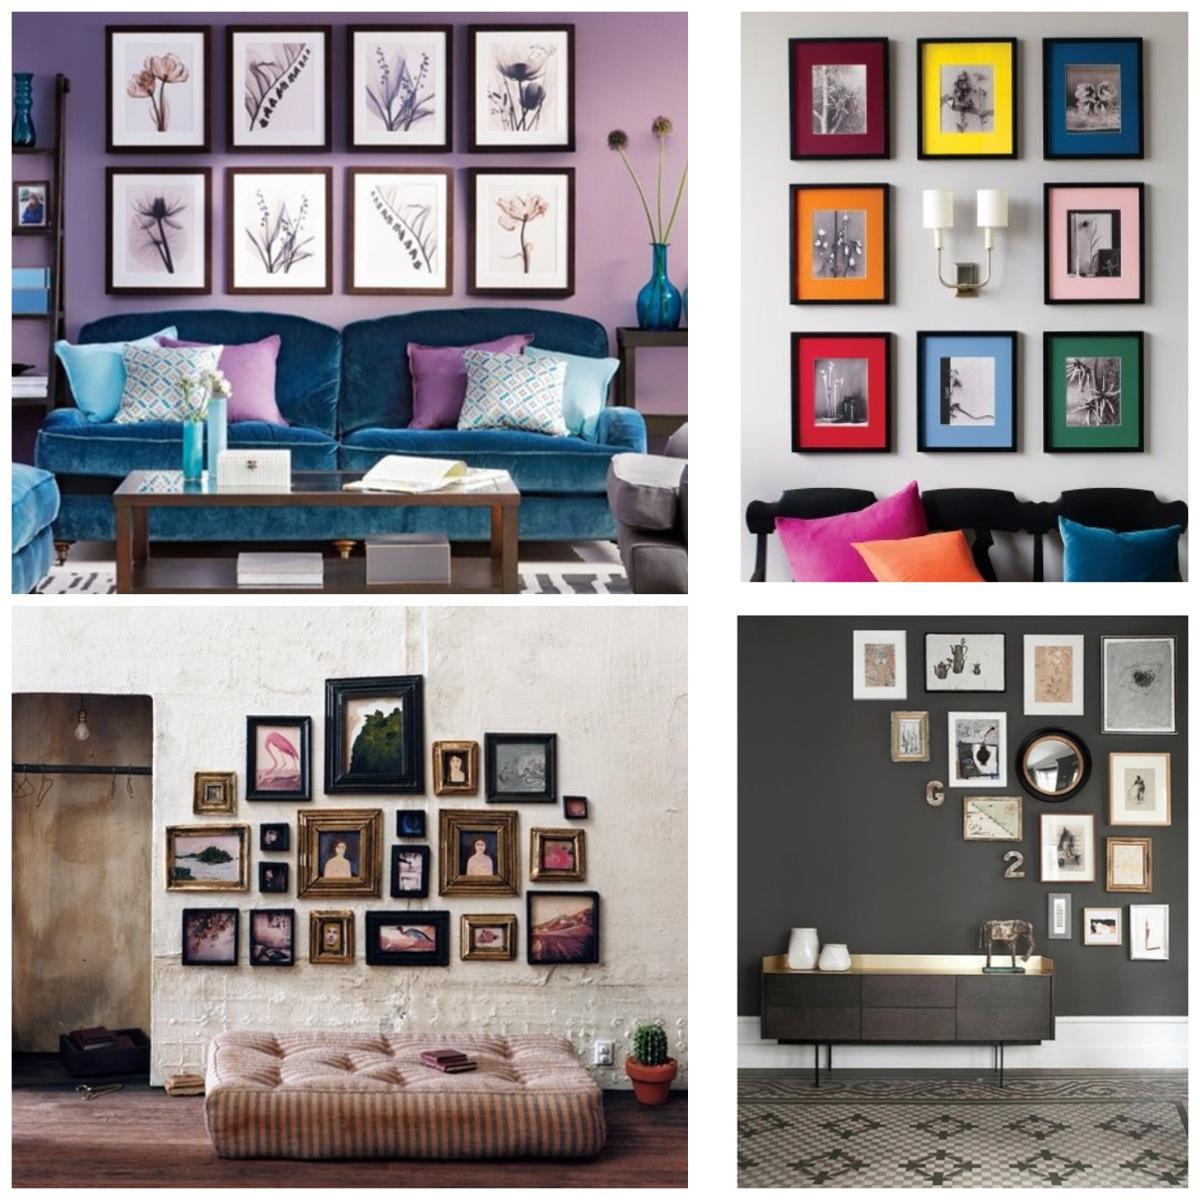 Cómo decorar tu casa con cuadros y telas?